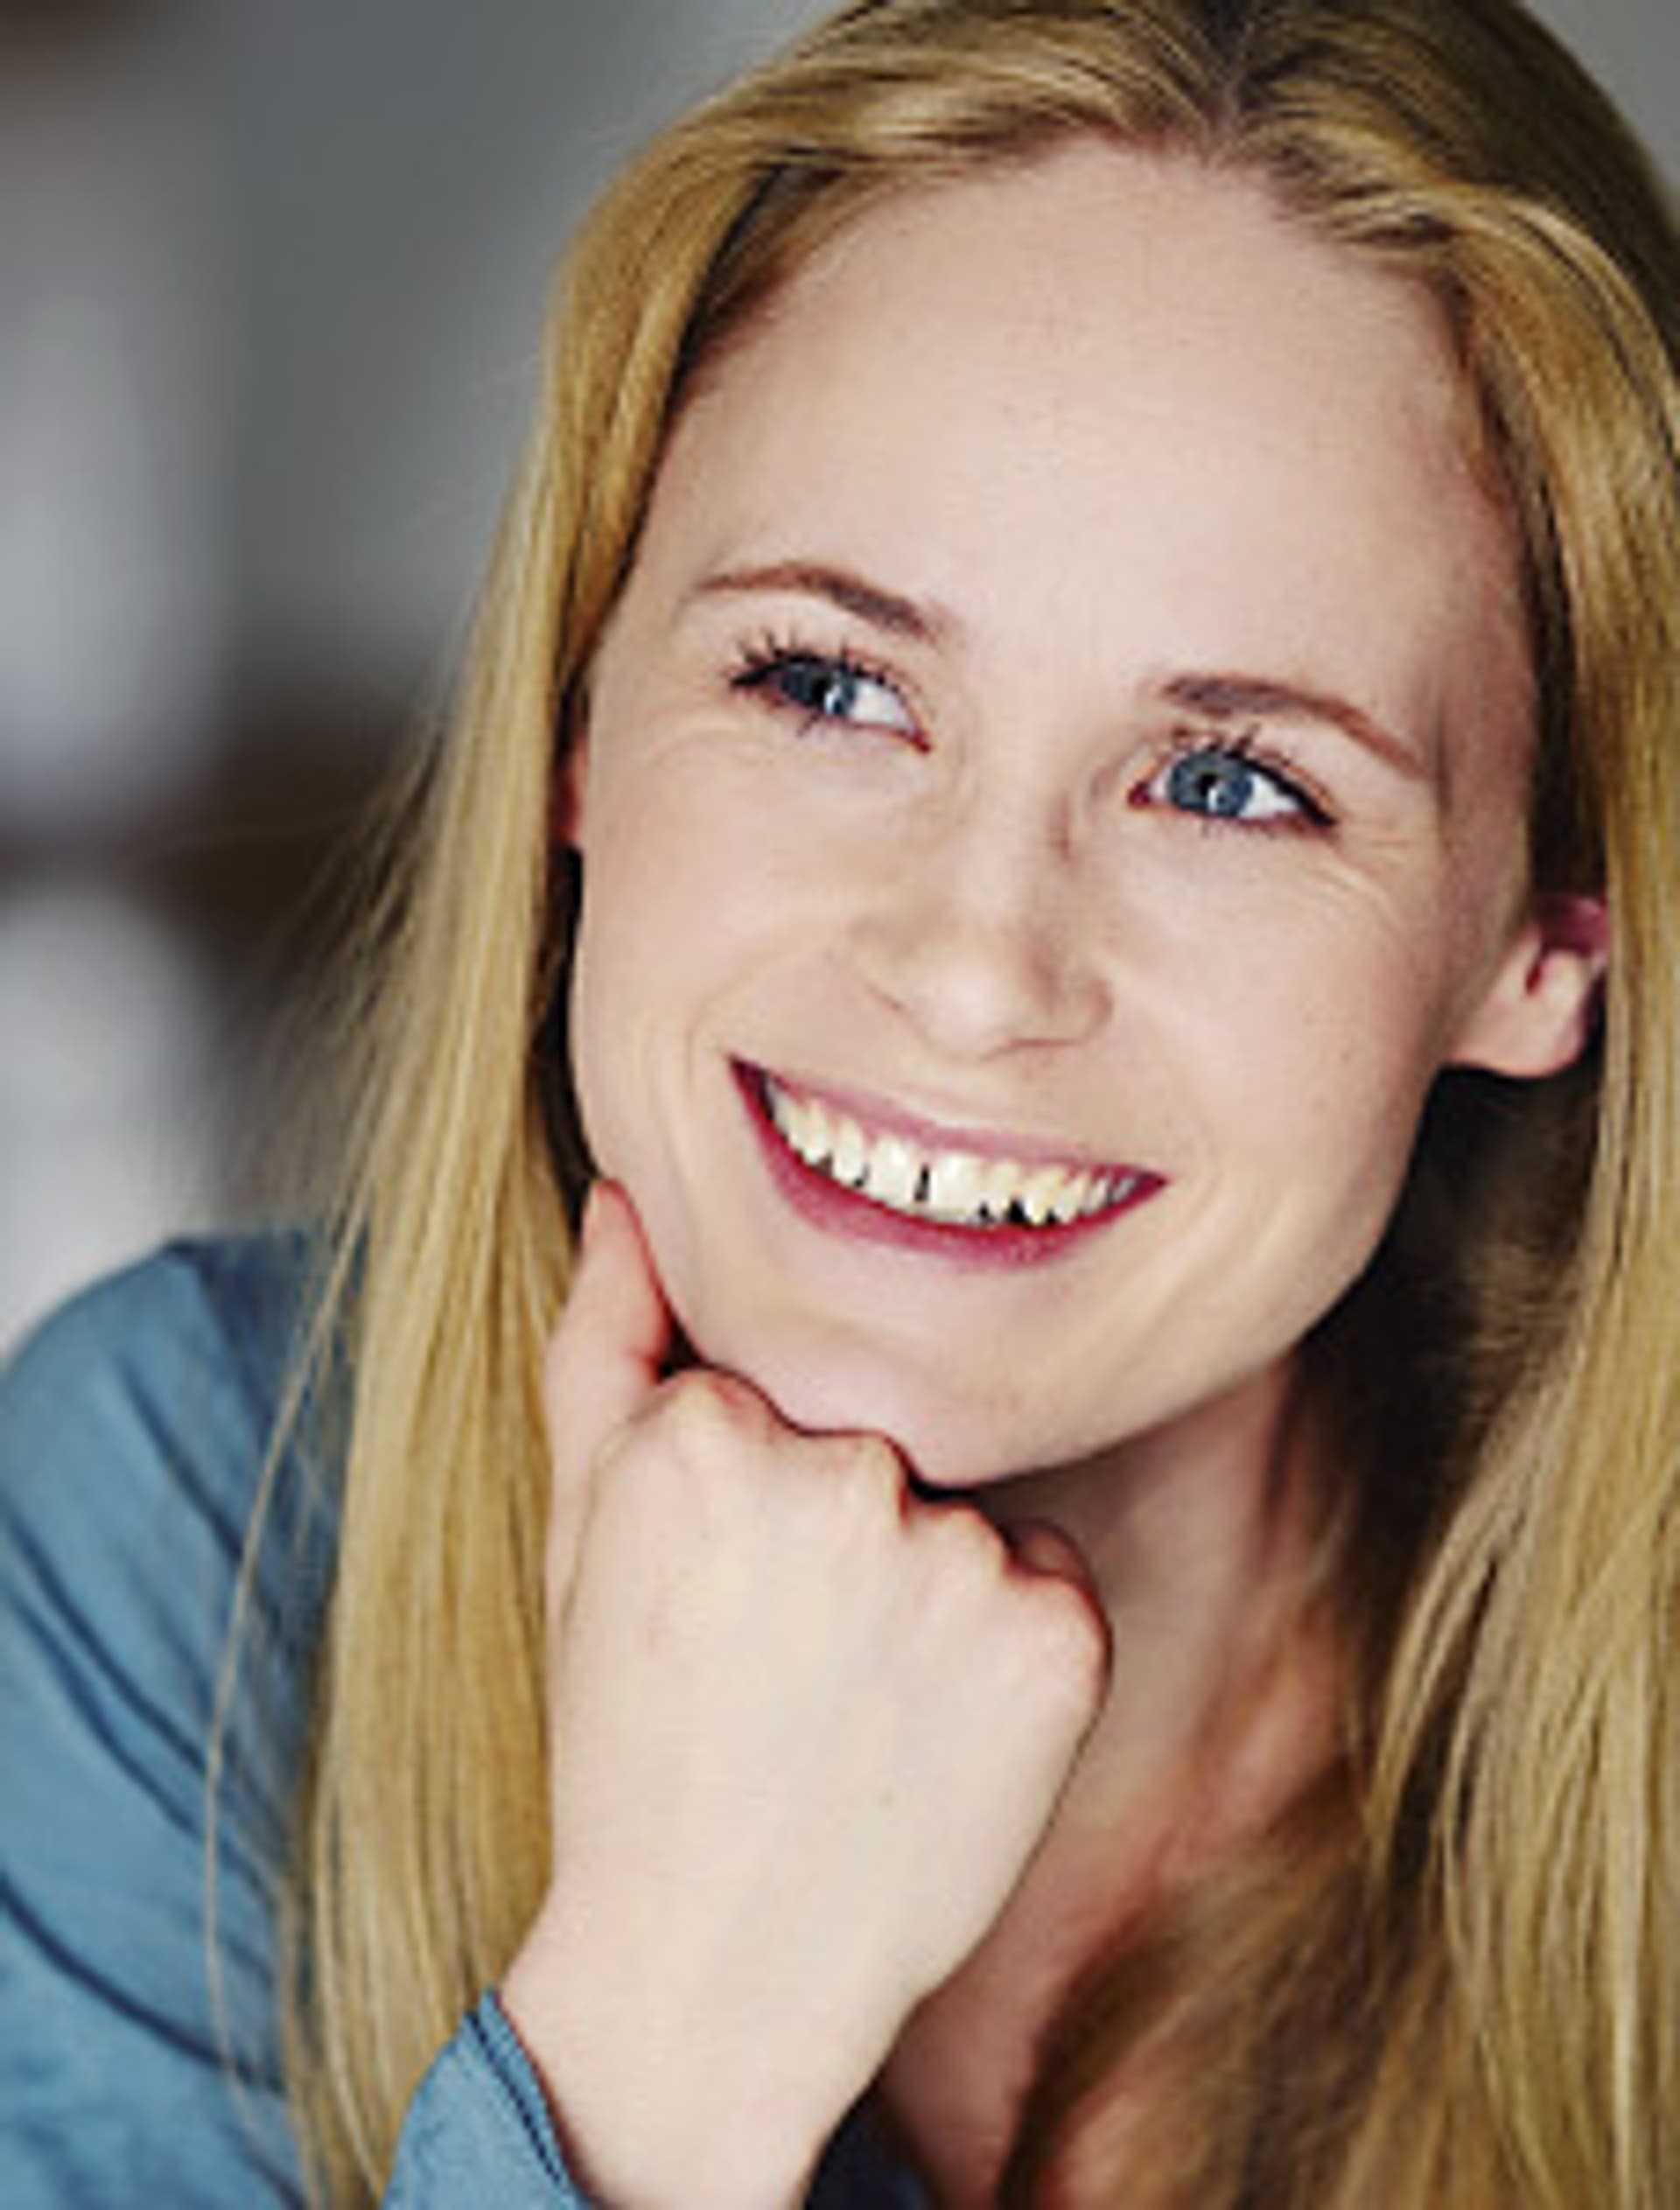 Porträt der Schauspielerin Inez Bjørg David, die in die Kamera lacht